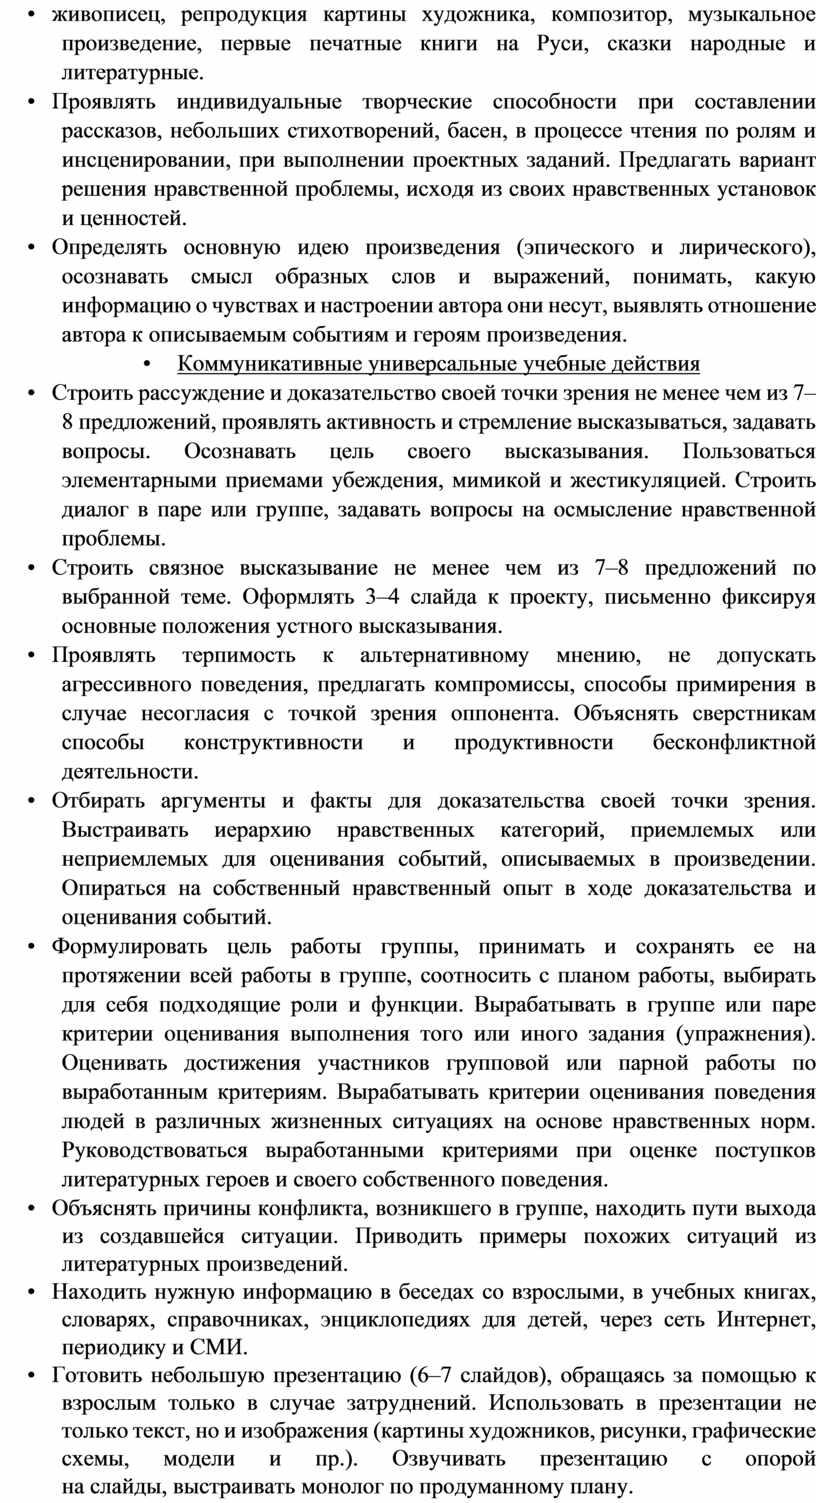 Руси, сказки народные и литературные